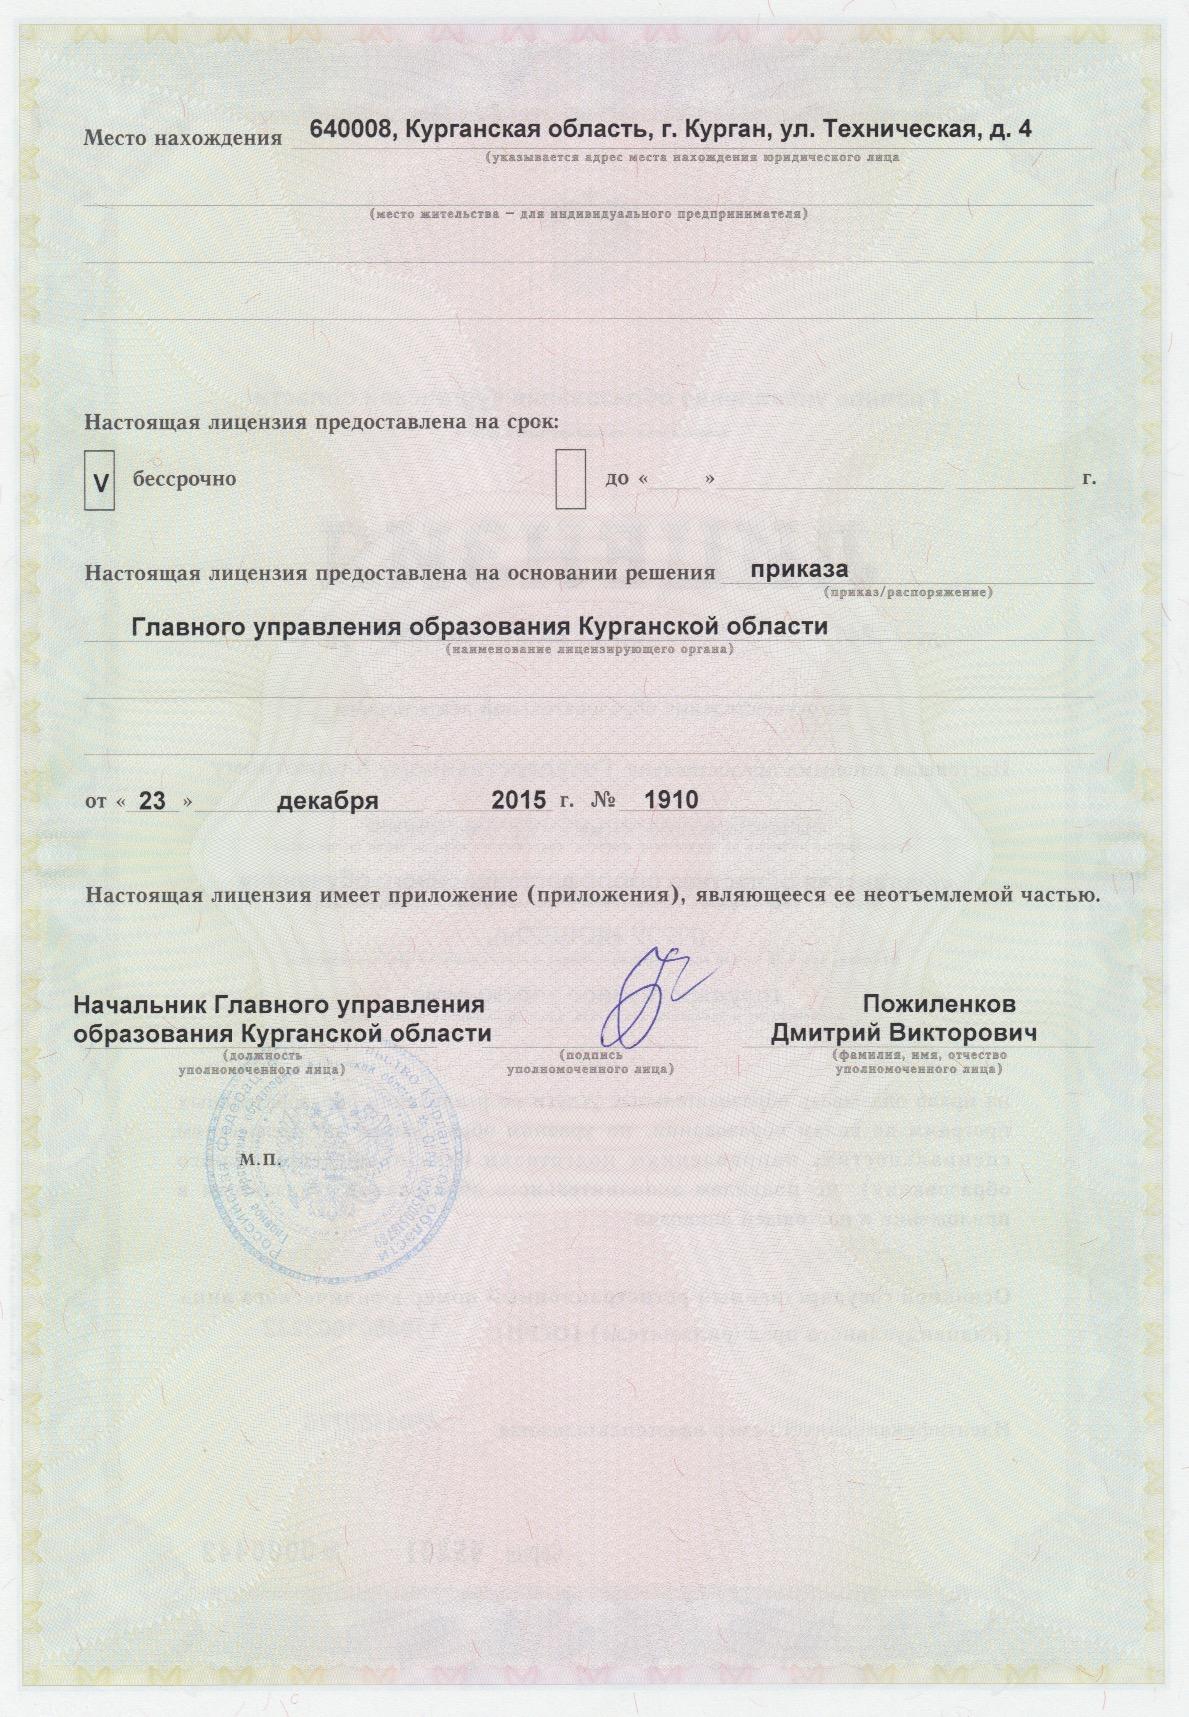 образец заполнения бланка на лицензию на право ведения образовательной деятельности